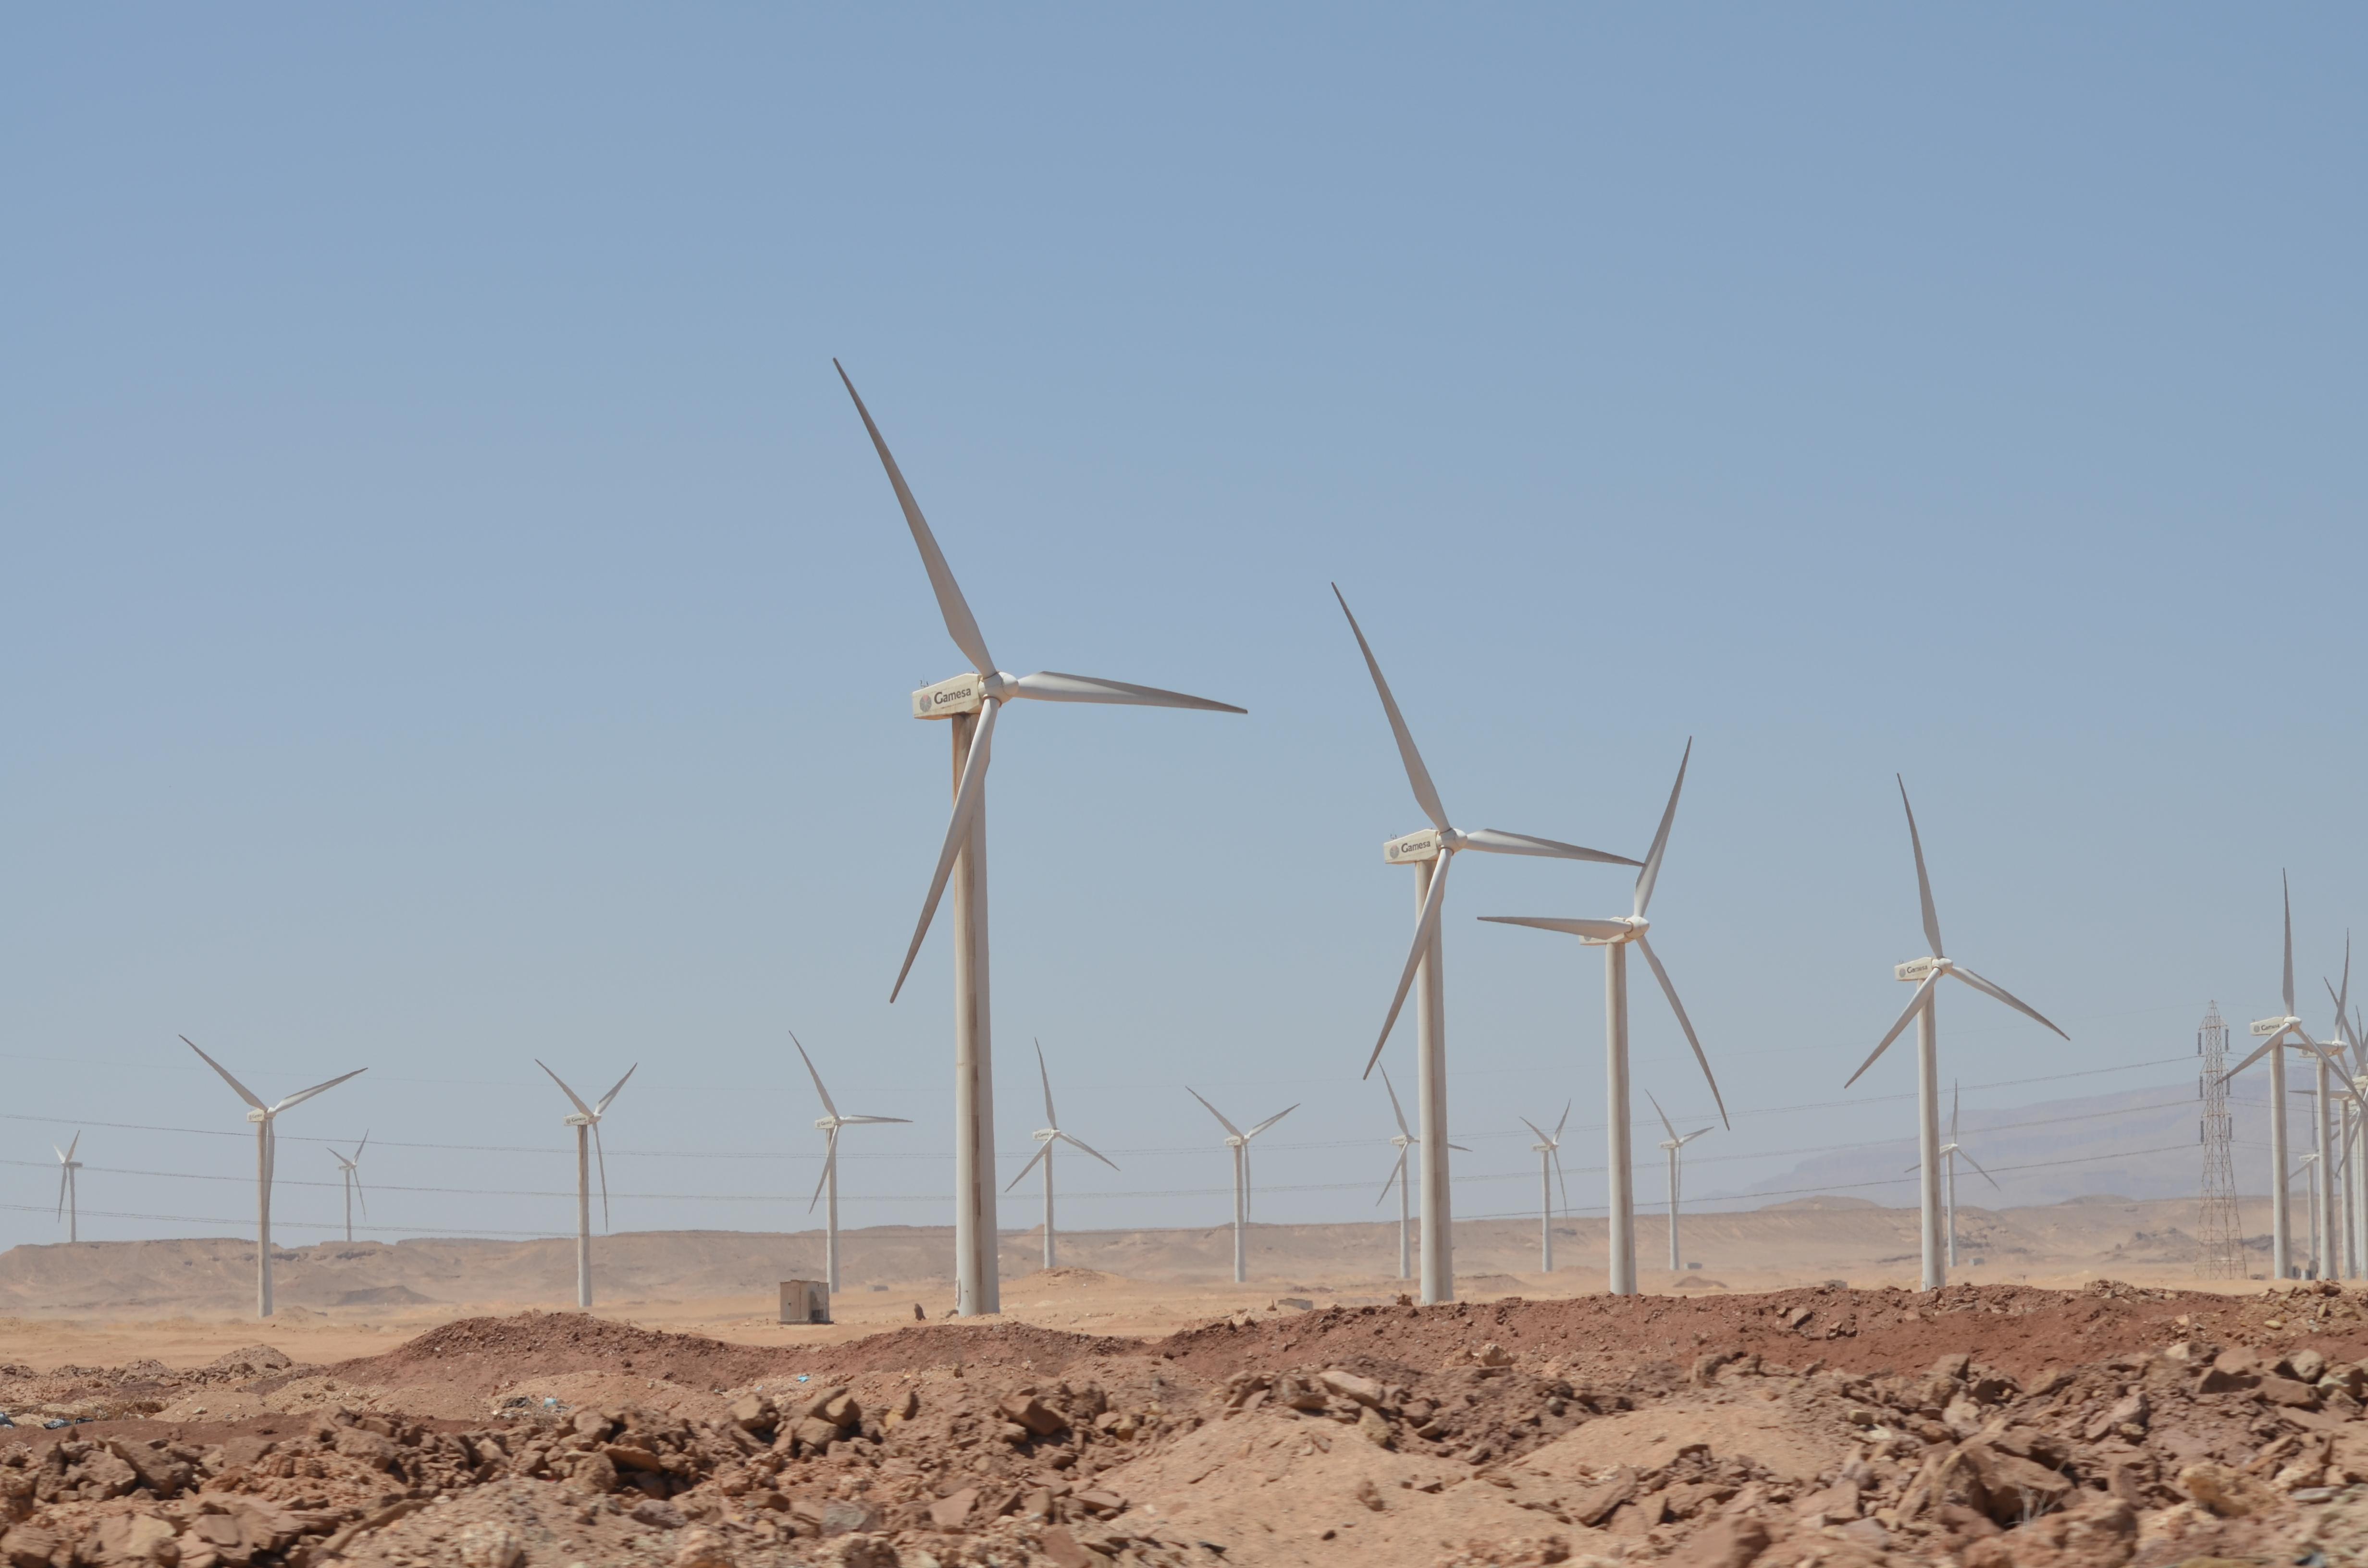 Wind turbines, Zaafarana, Egypt by Hatem Moushir